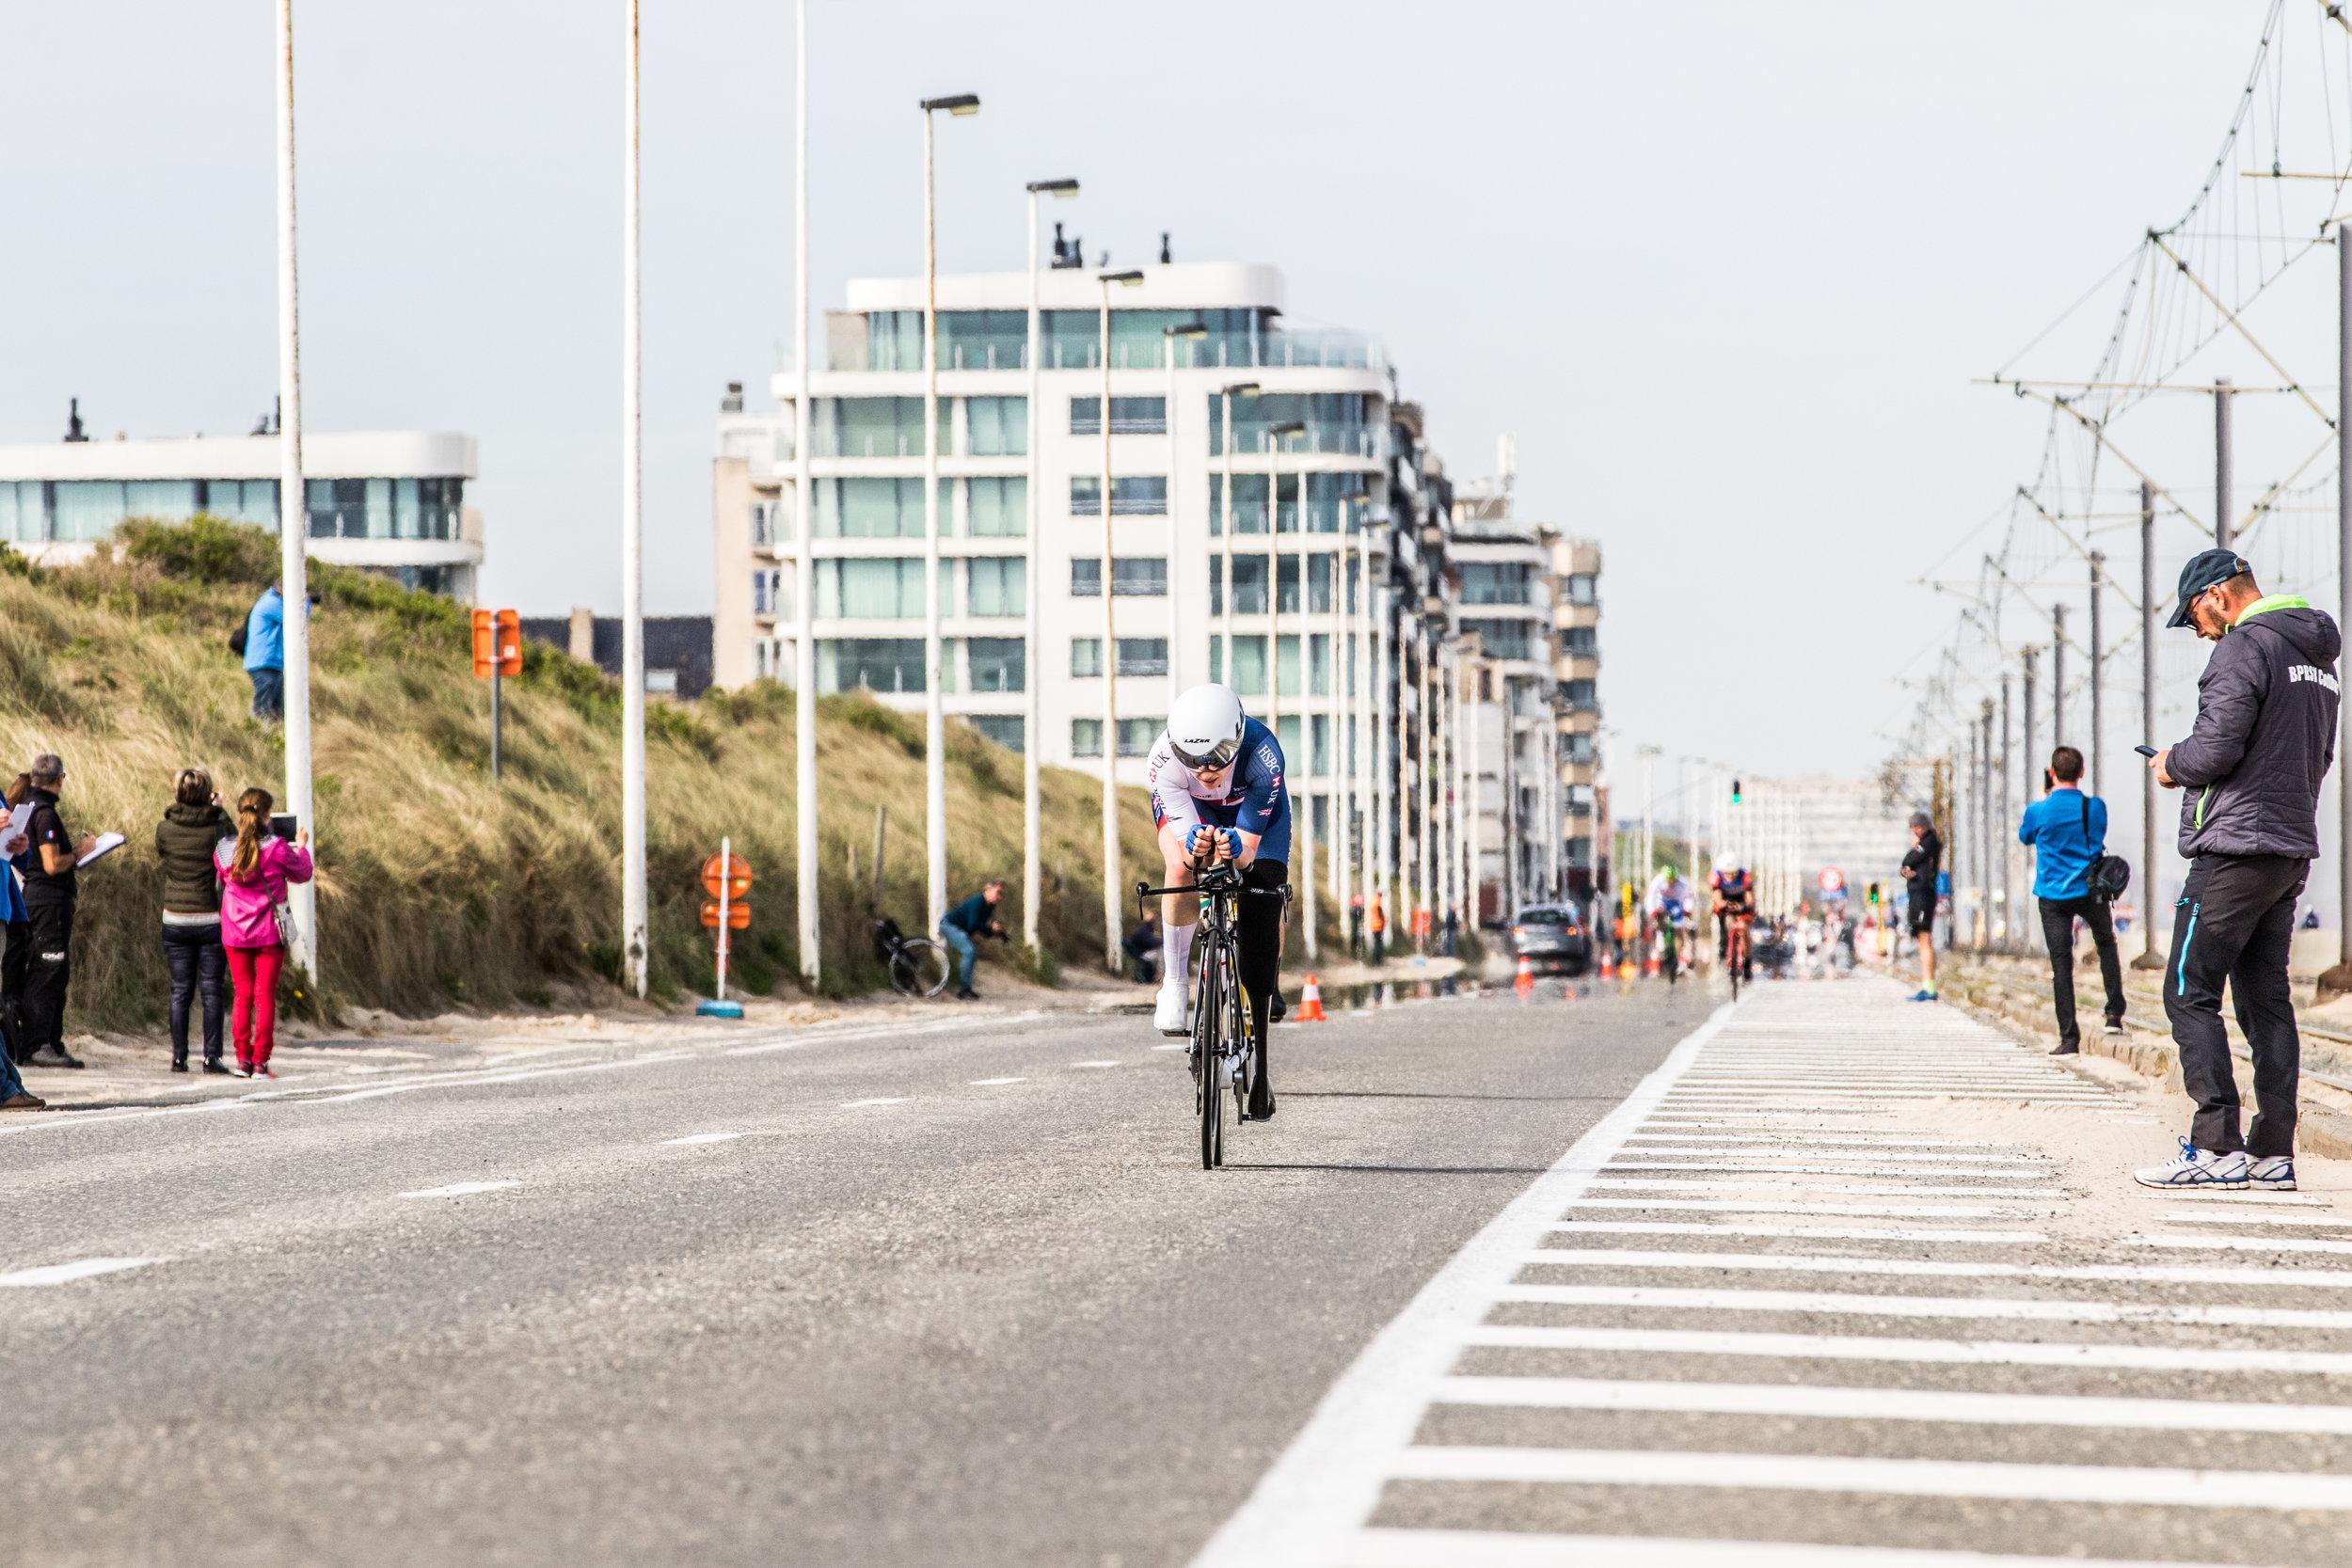 Ostend2018-17.jpg